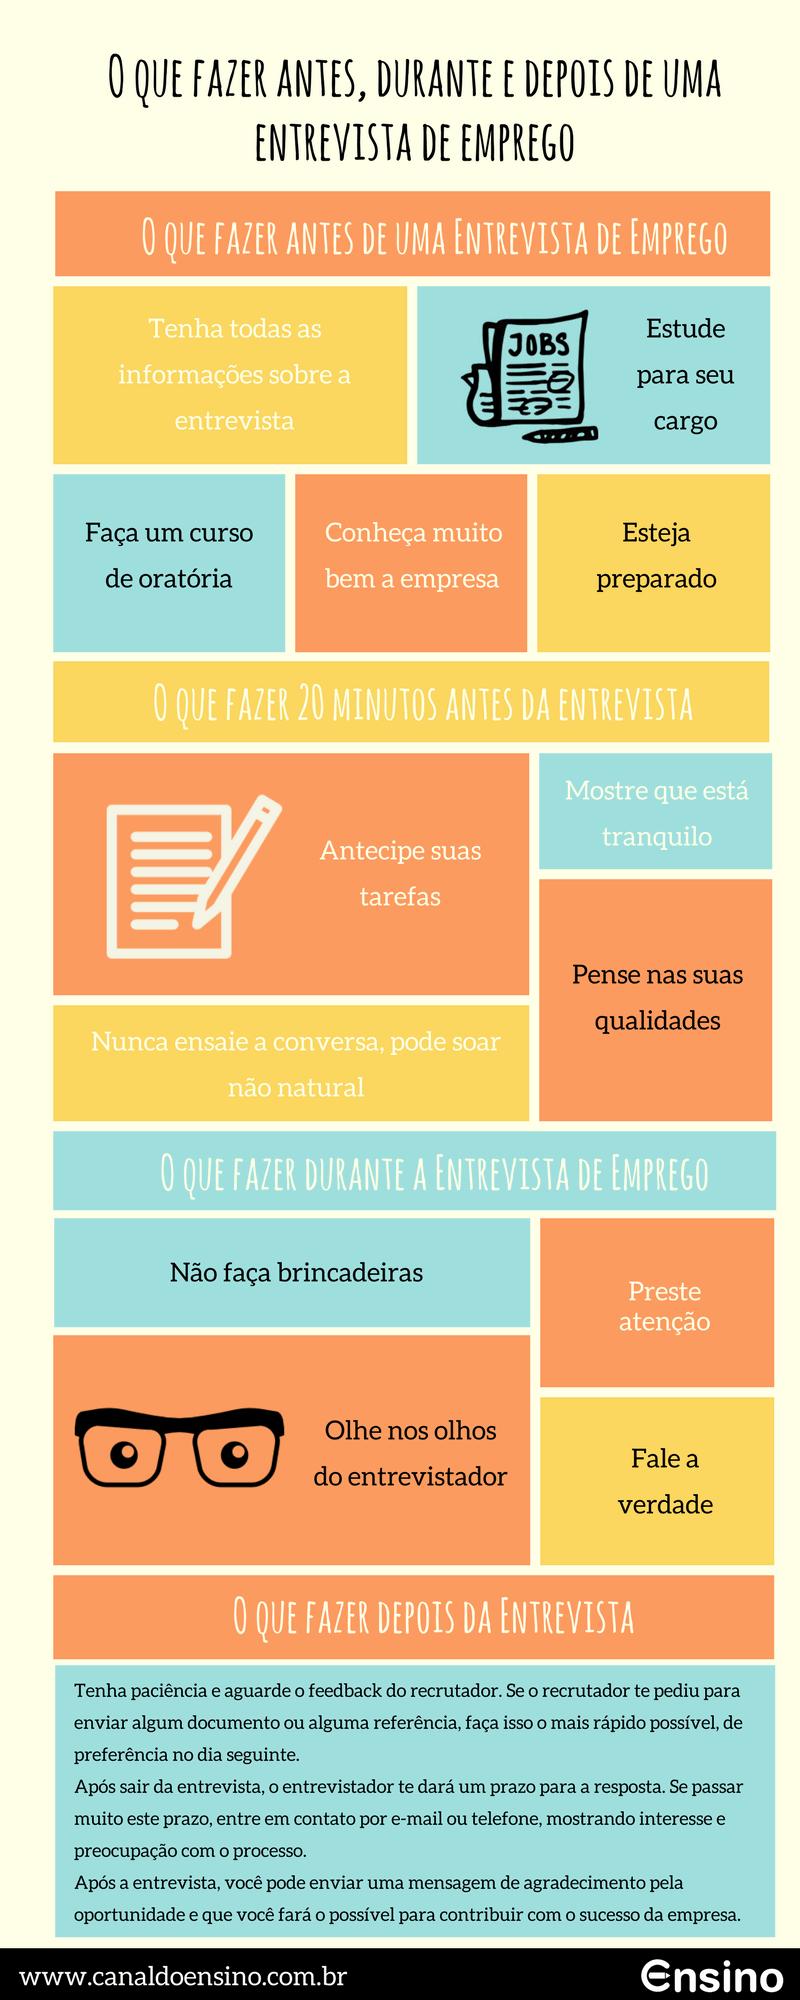 infografico-O-que-fazer-antes-durante-e-depois-de-uma-entrevista-de- emprego